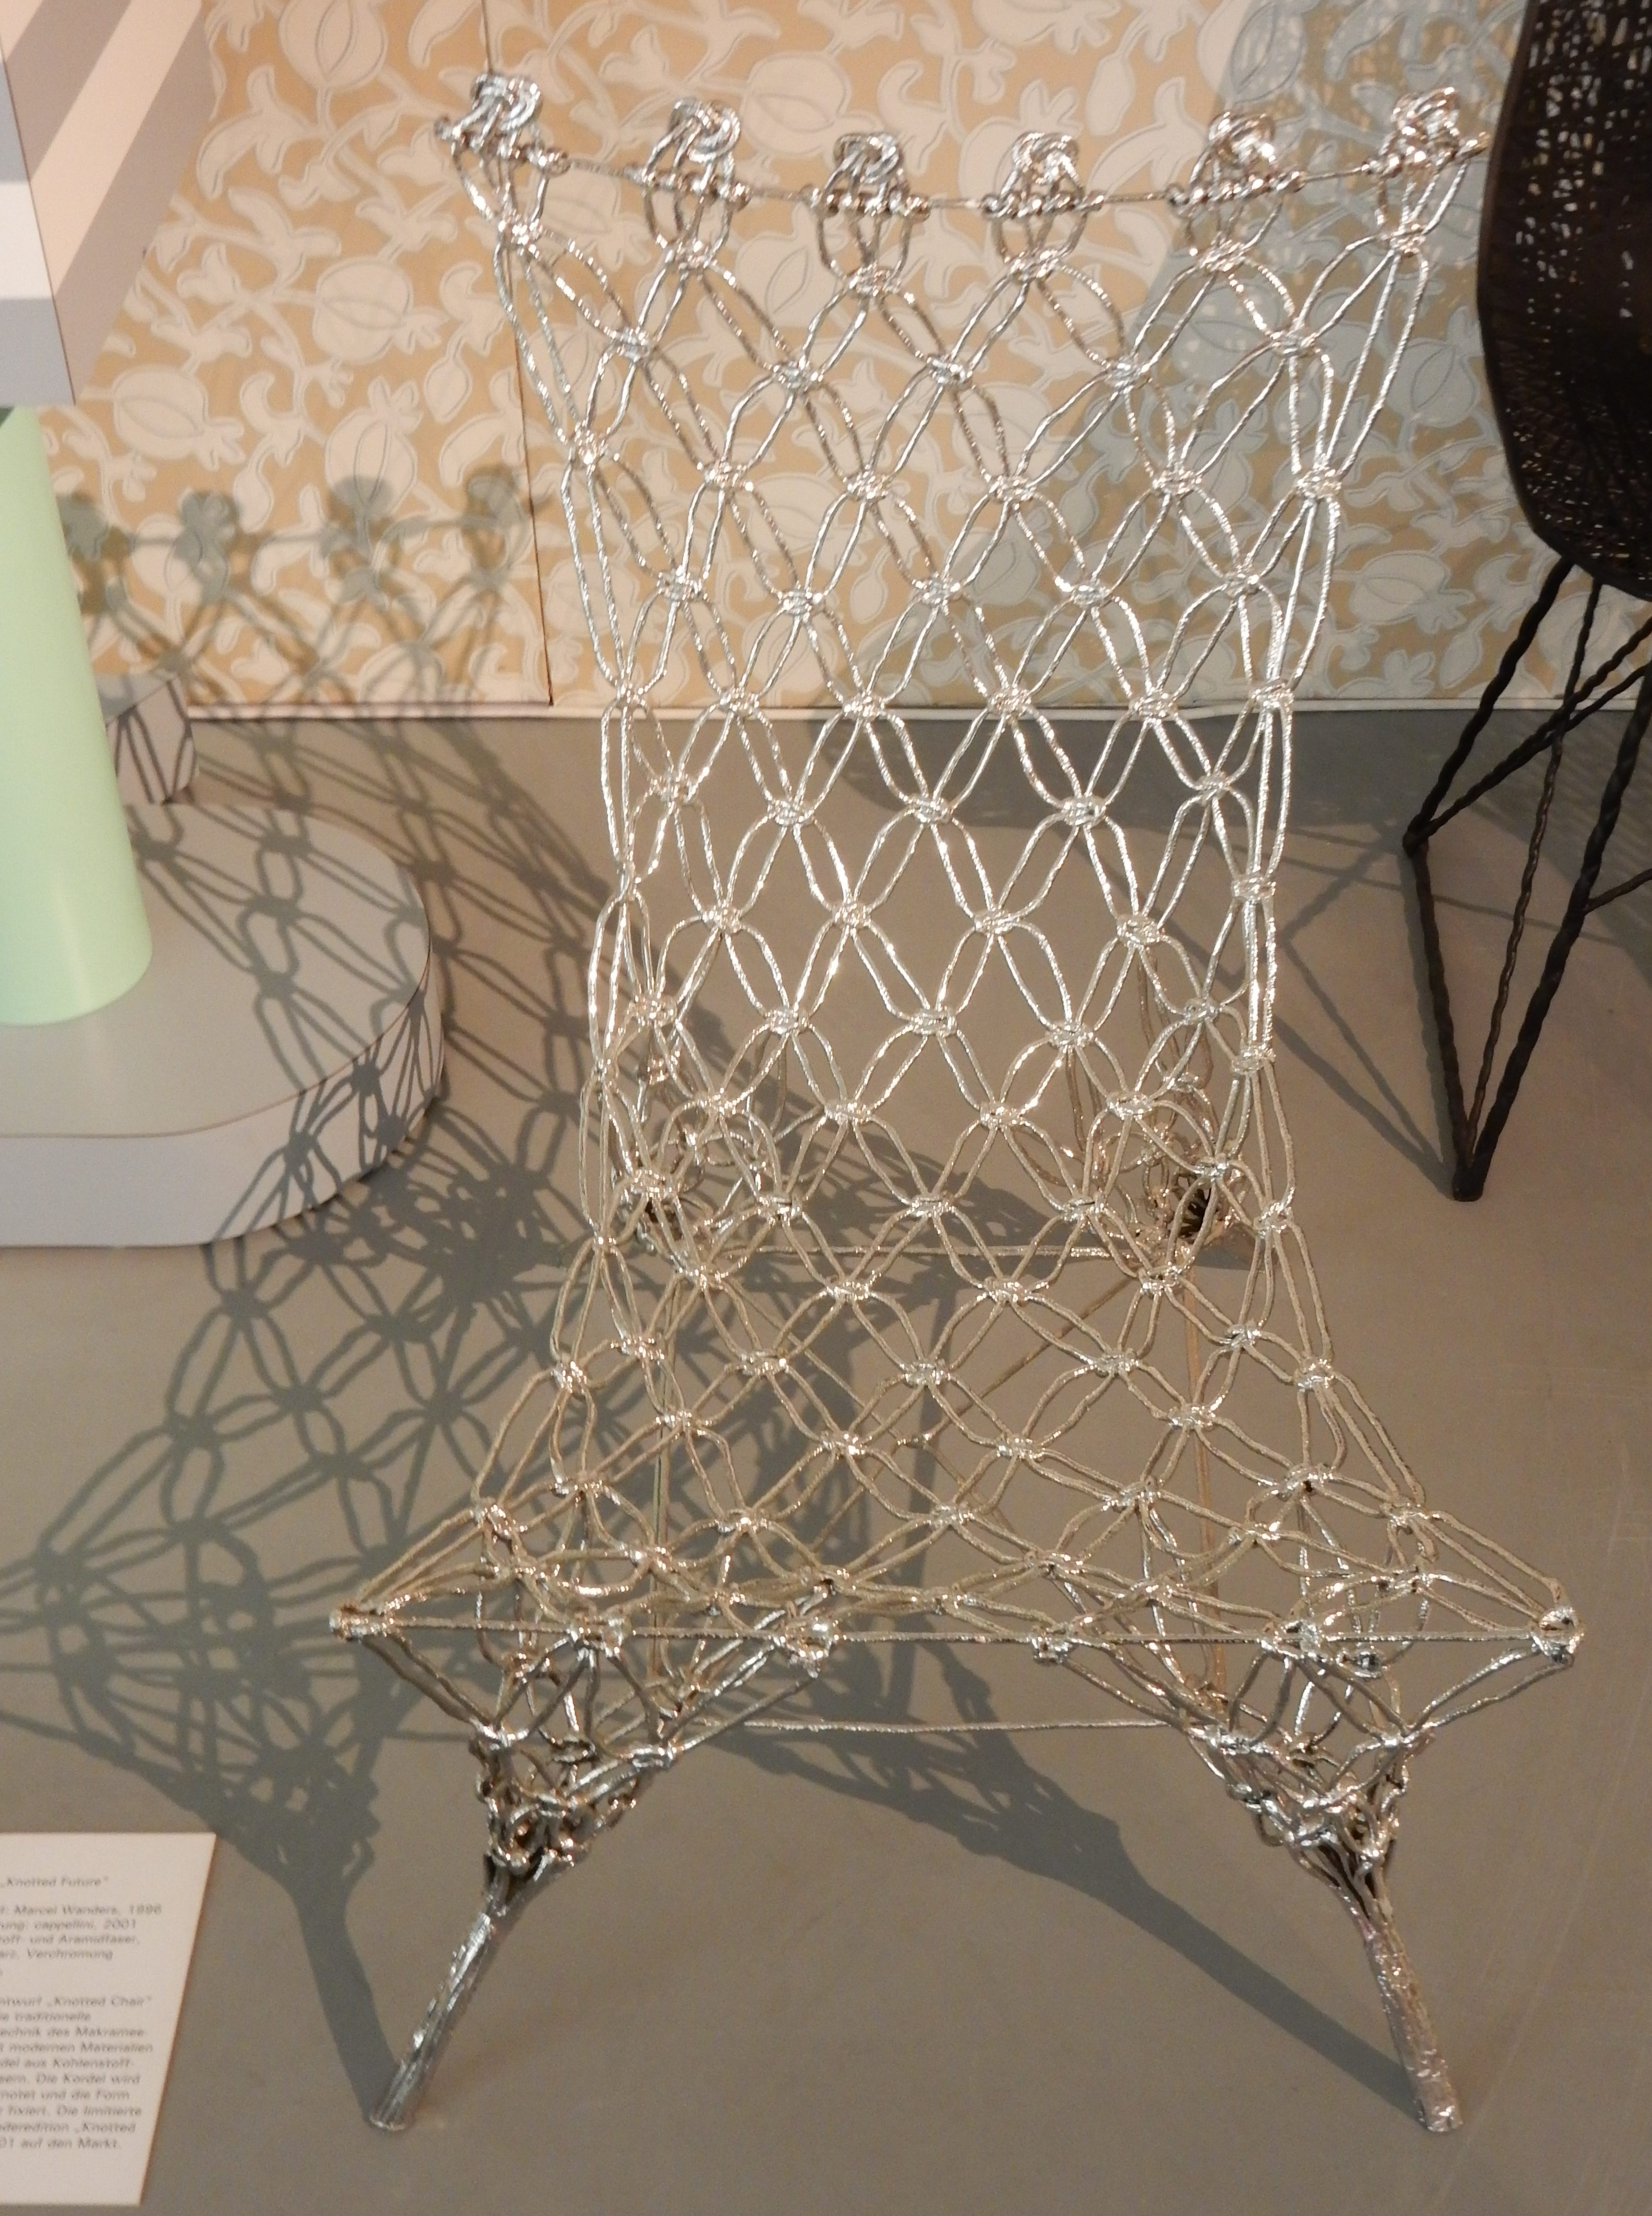 Marcel Wanders, Knotted Chair uitgevoerd door Cappellini, 2001. Collectie Badisches Landesmuseum, 2012/729., foto Coert Peter Krabbe